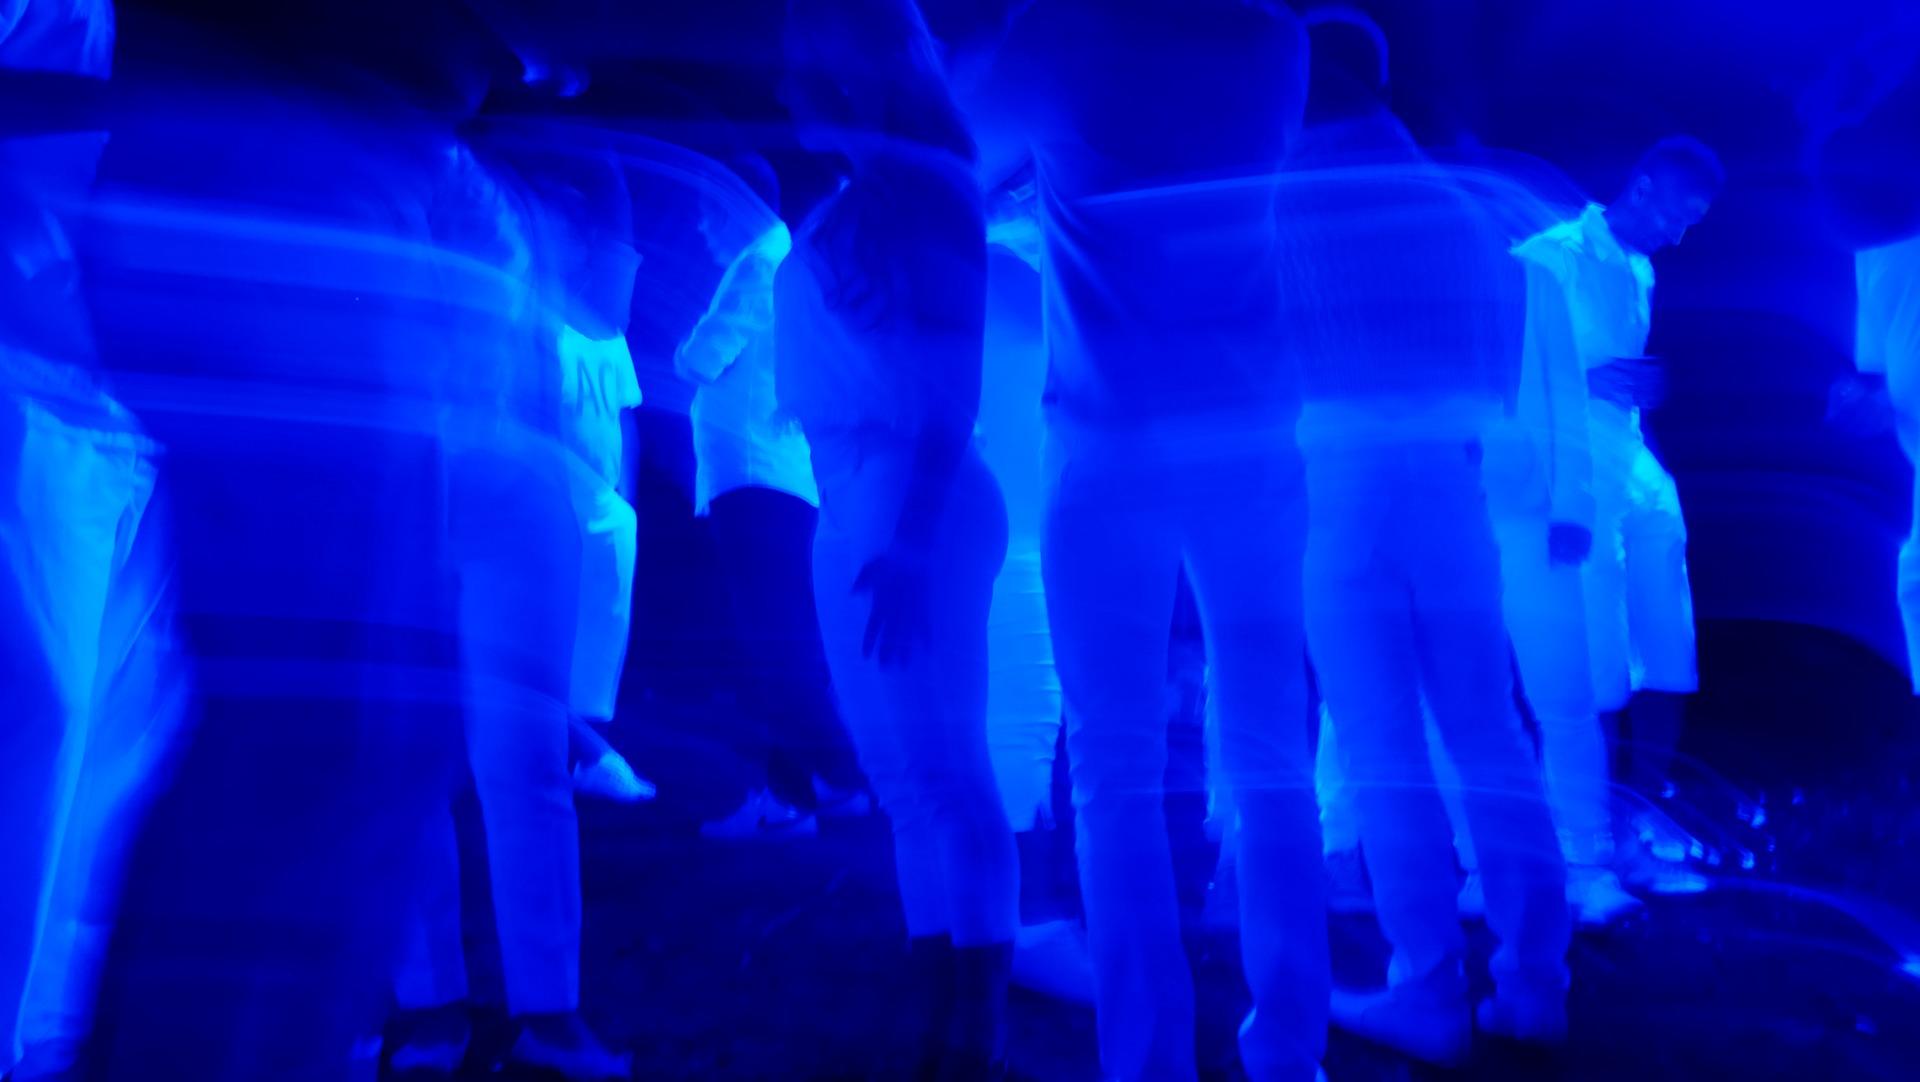 Un tipo especial de luz ultravioleta elimina el coronavirus presente en el aire sin dañar a las personas